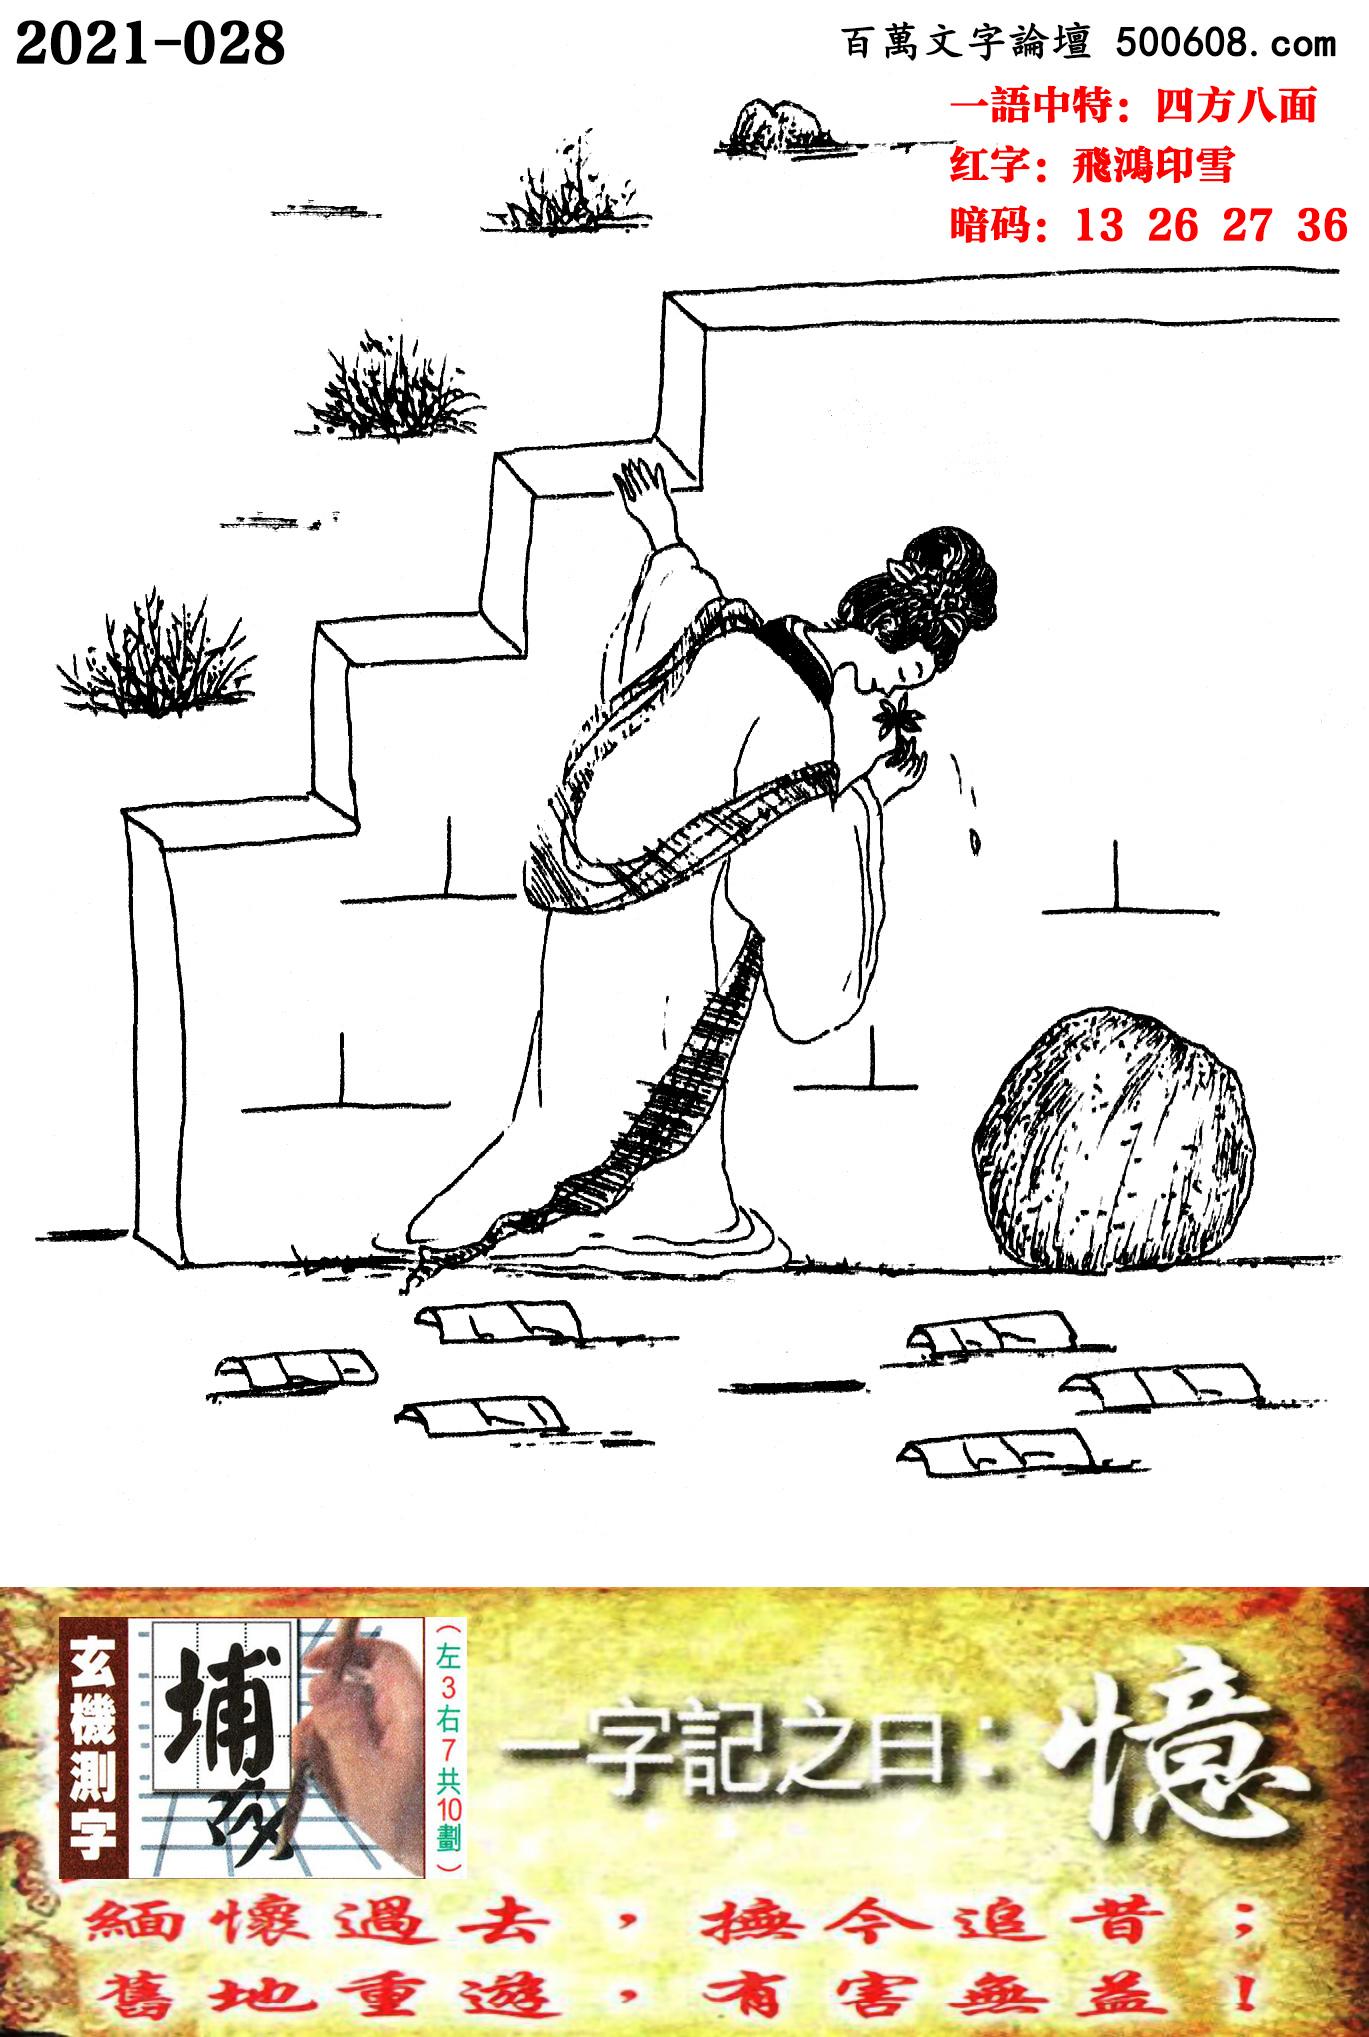 028期跑狗一字�之曰:【��】_��堰^去,�峤褡肺簦慌f地重�[,有害�o益!